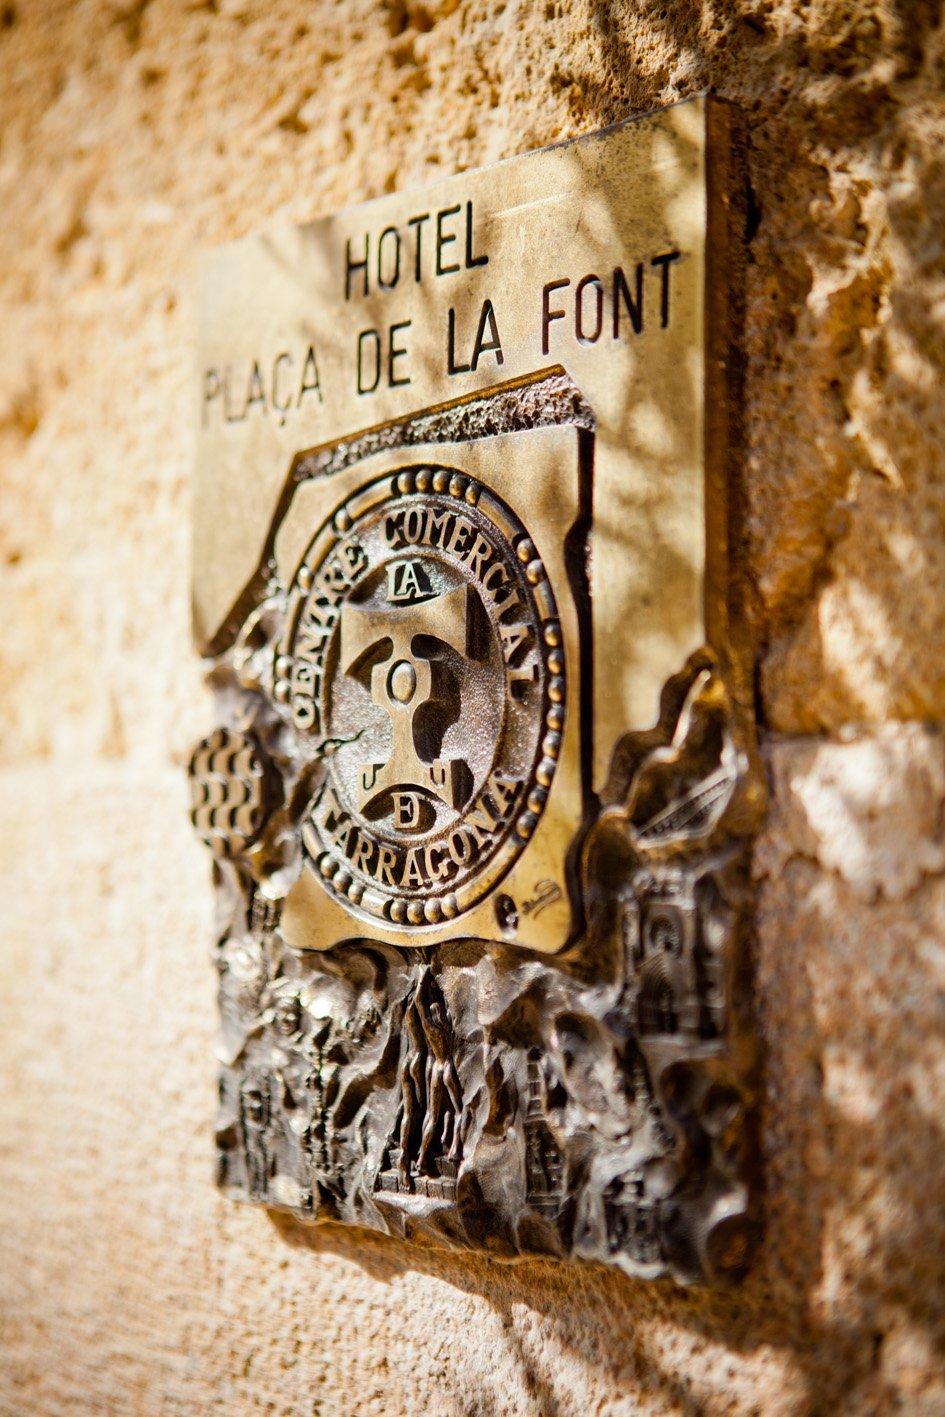 hotel_la_fontnombre_del_documento_13-e63aa04b6fd745ff629266b1e36f8842